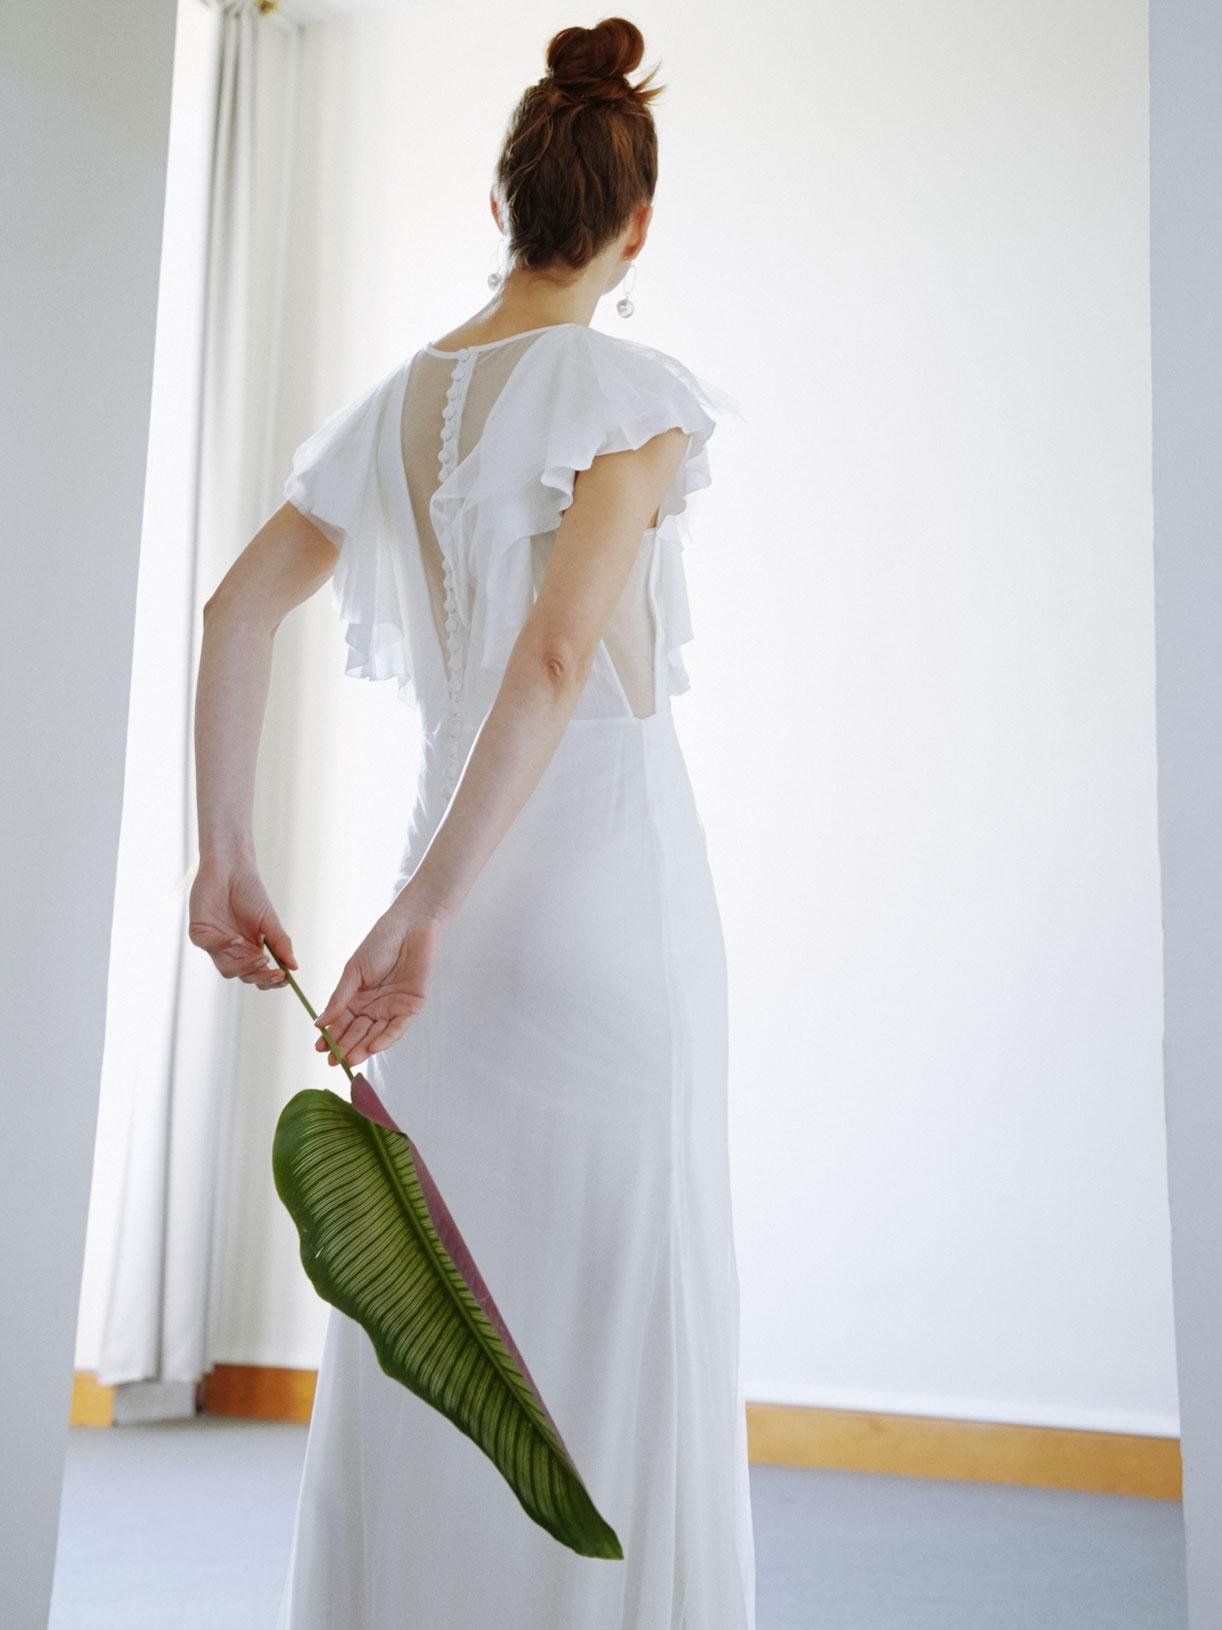 ANGEL - Robe de mariée a volants et dos-nu en tulle découpé - Créatrice de robes de mariée sur-mesure éthique et bio sur Paris - Myphilosophy